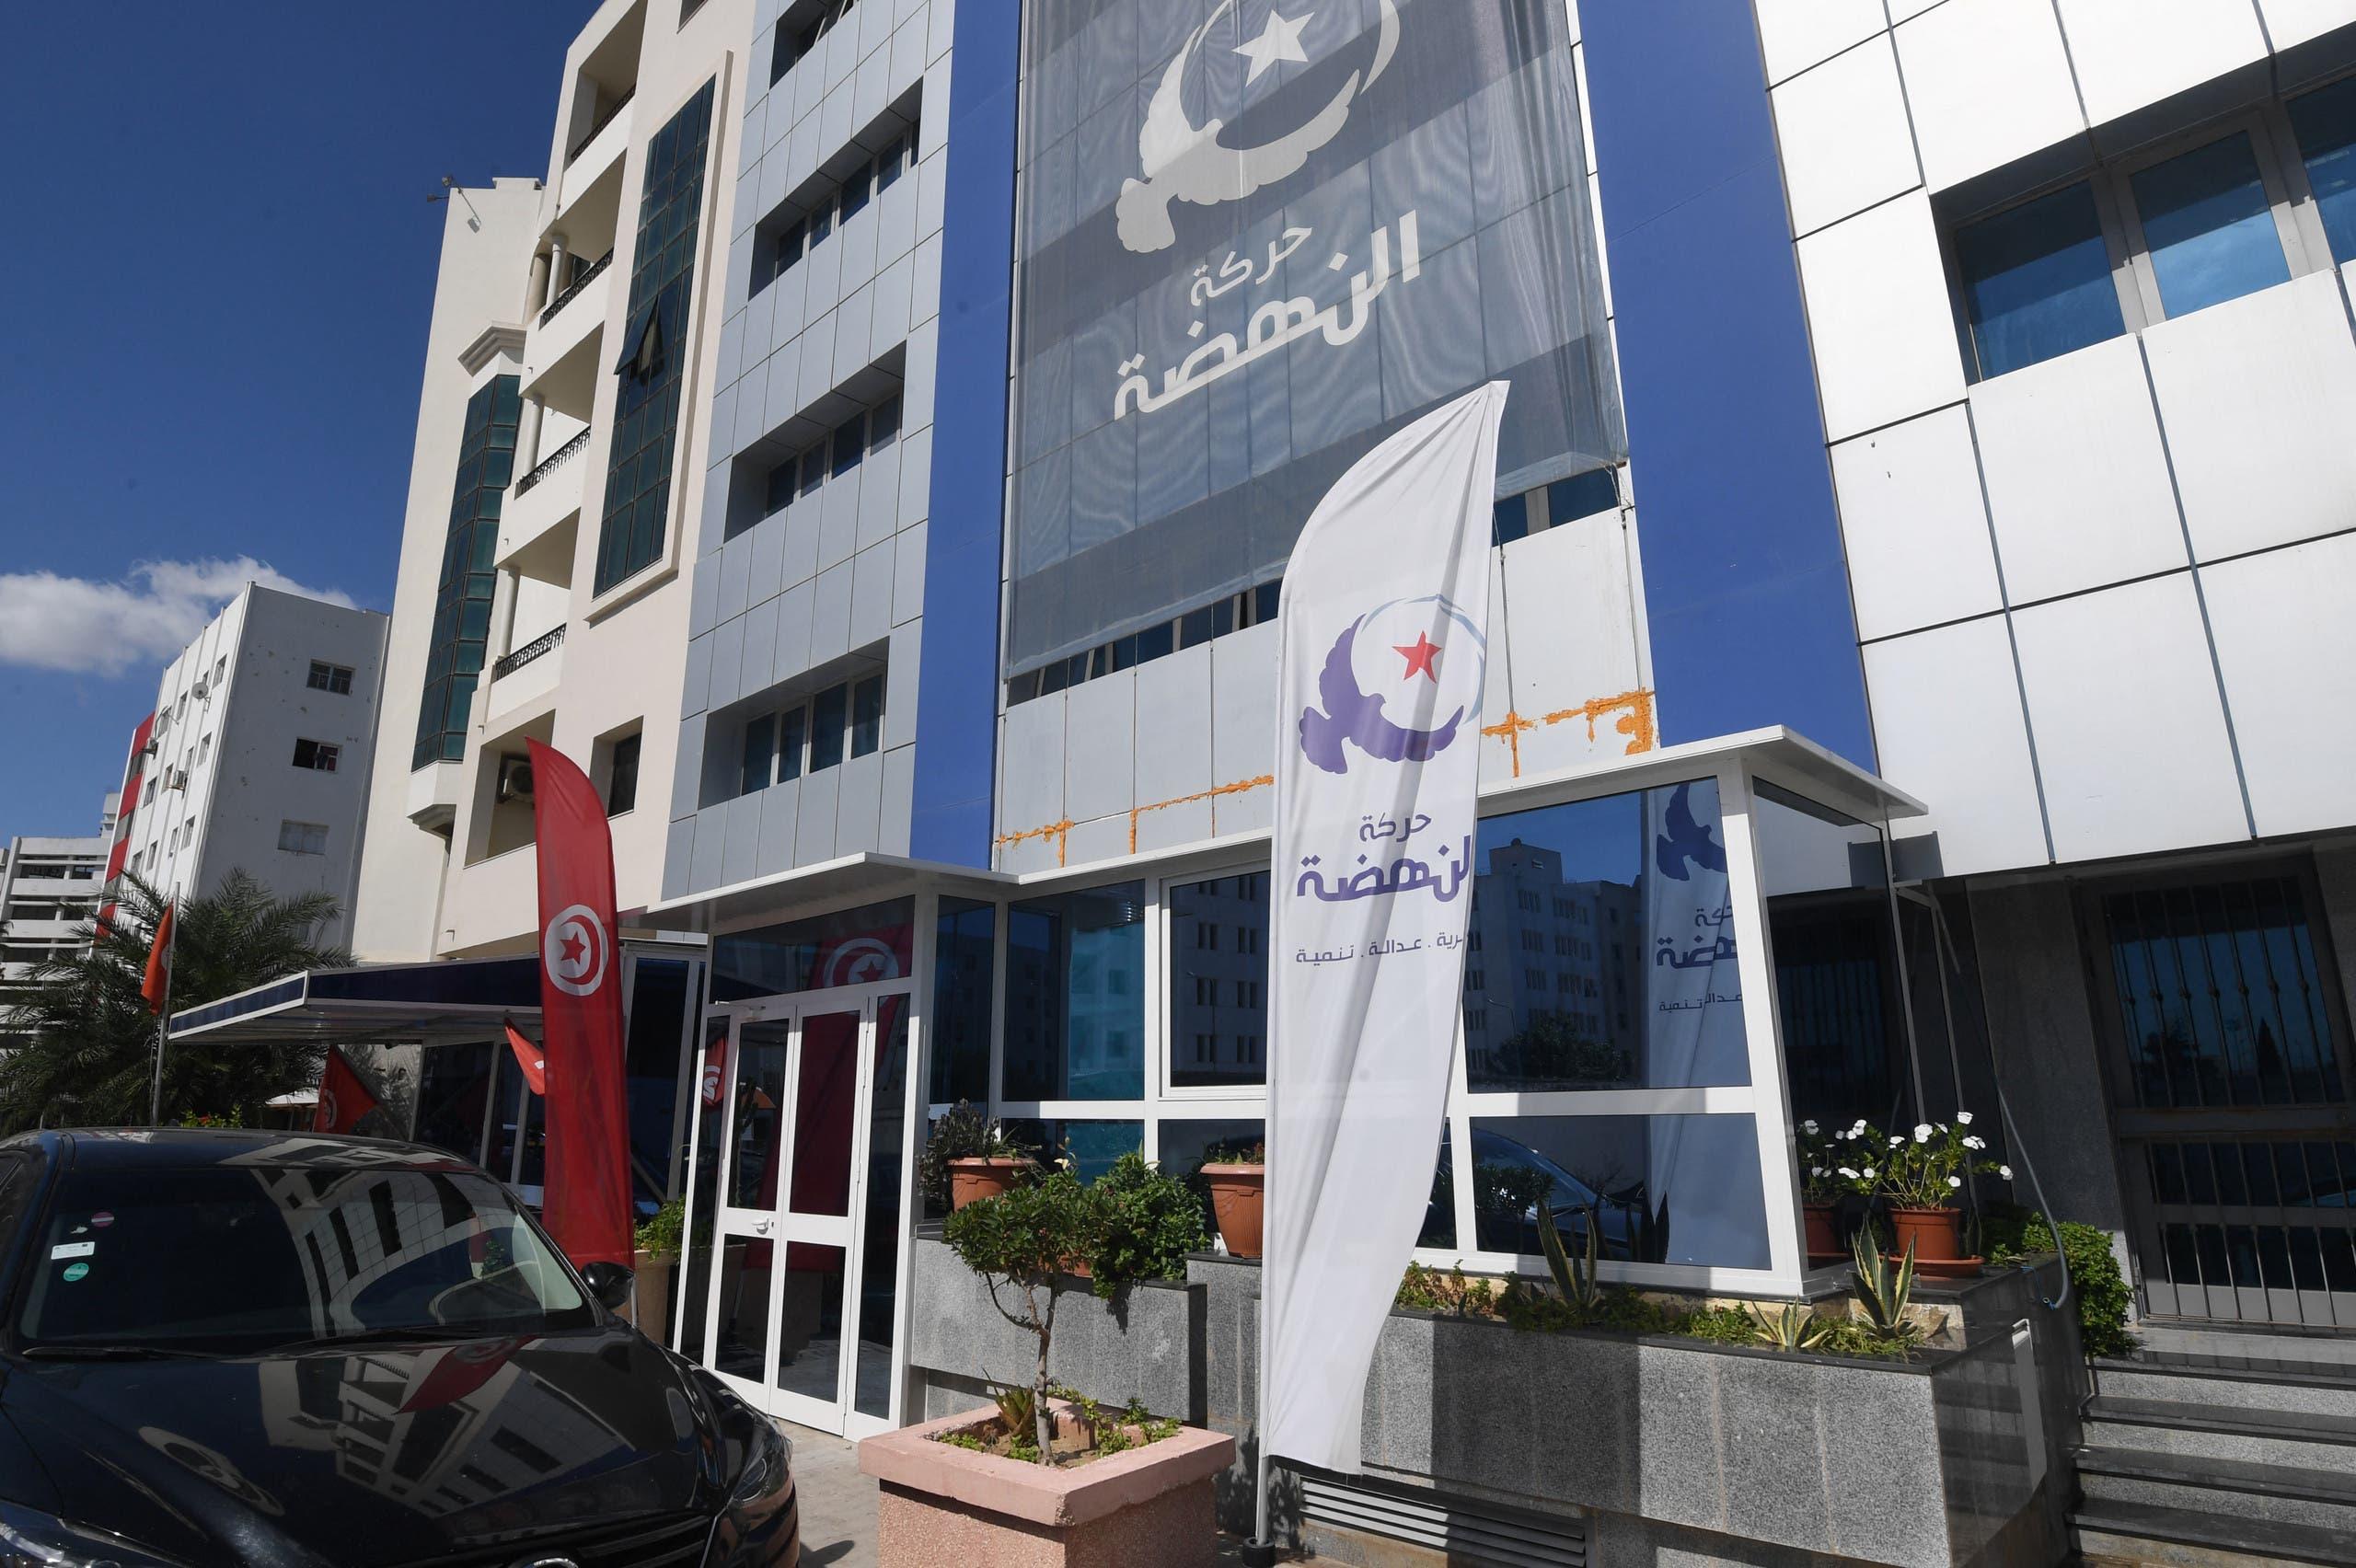 مقر حركة النهضة في تونس